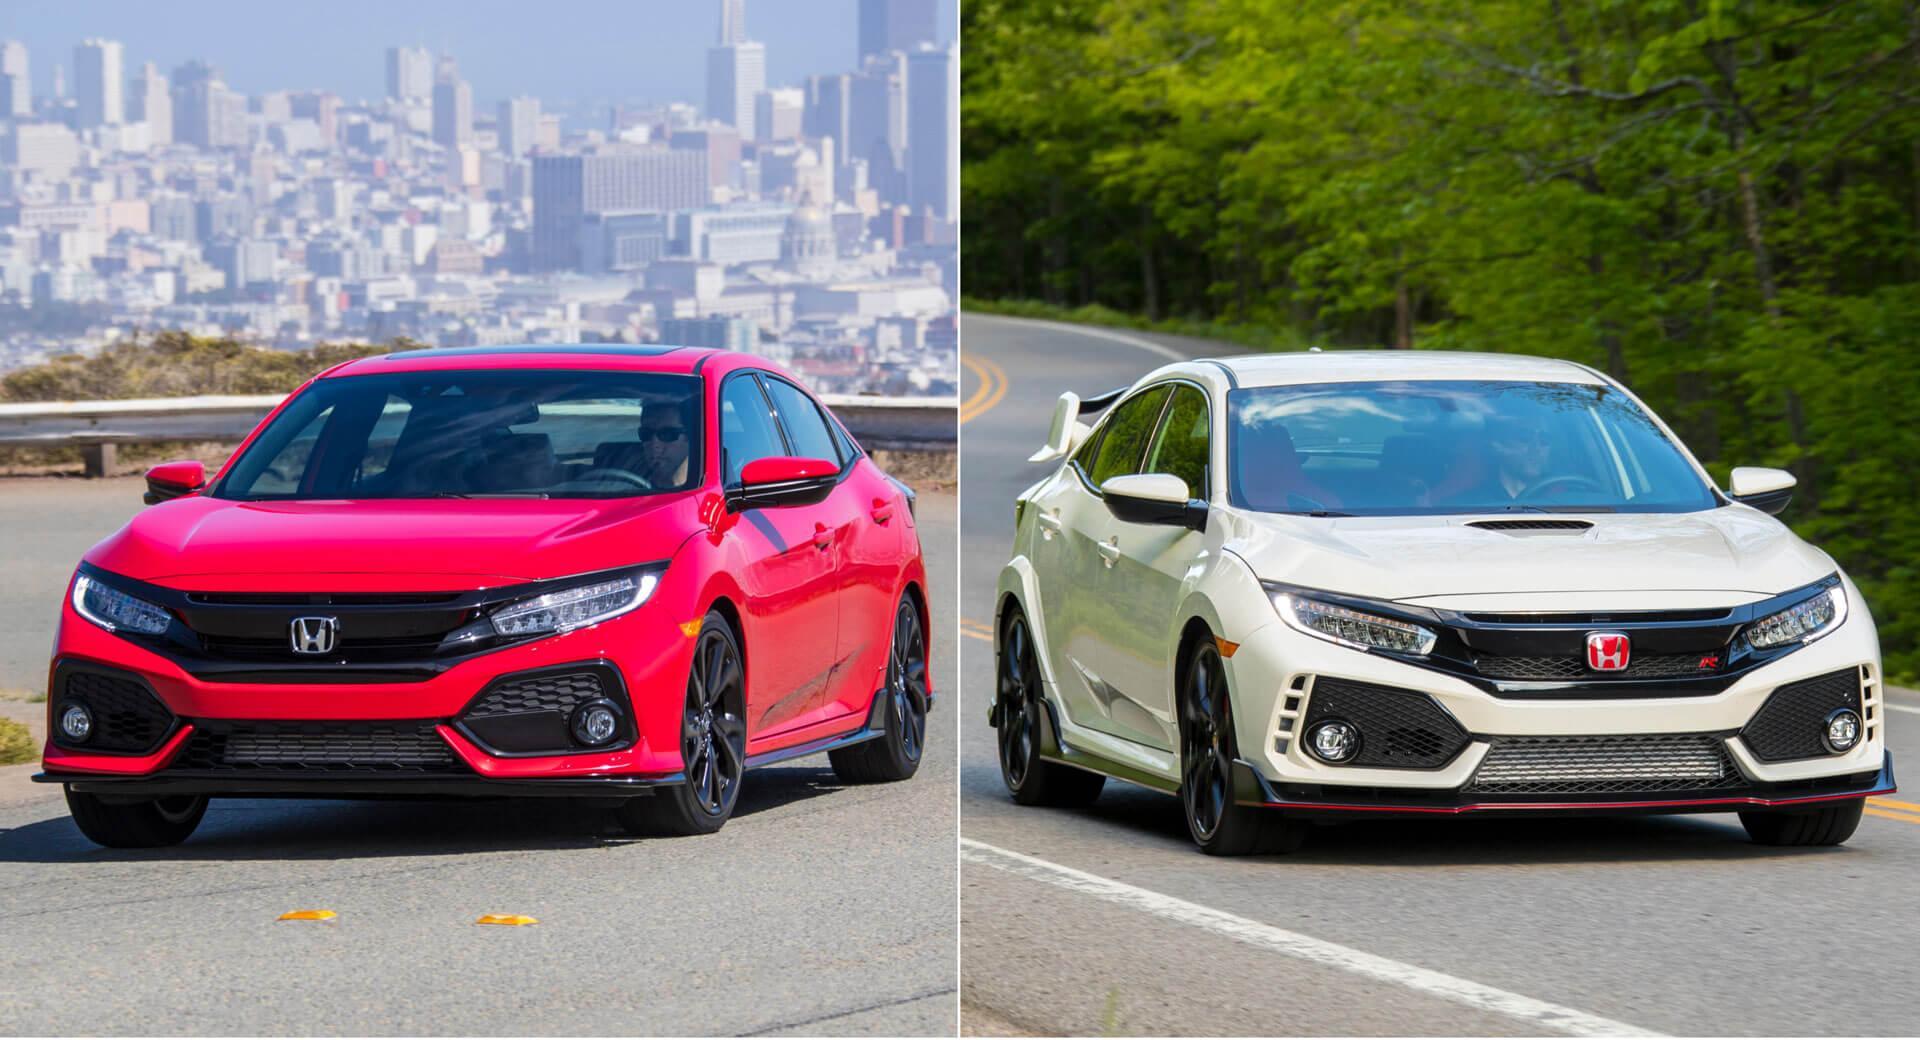 Kelebihan Kekurangan Harga Mobil Civic Review